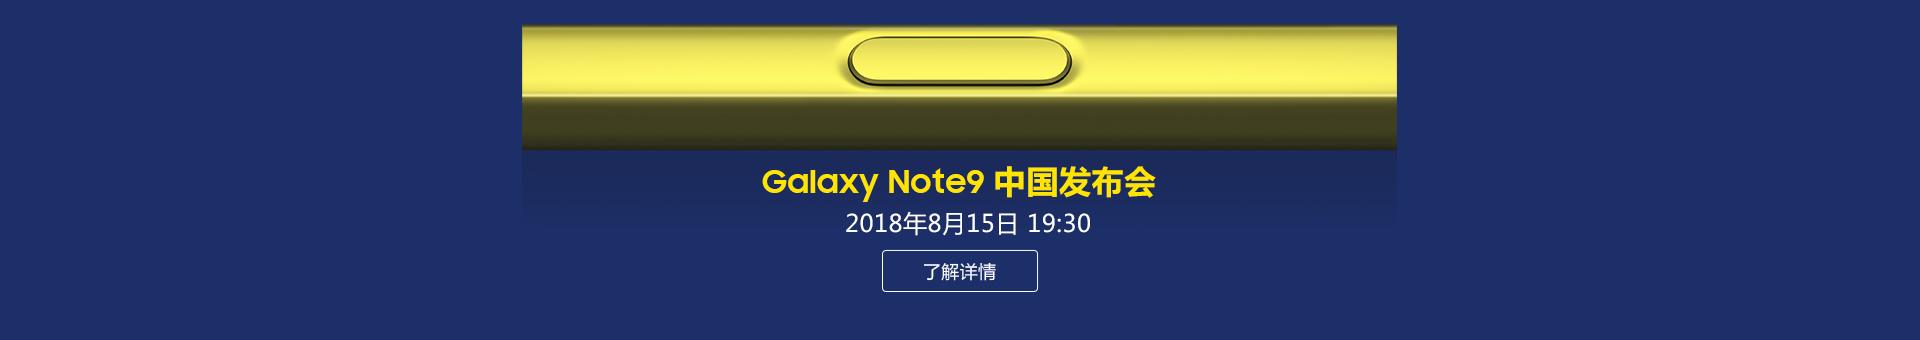 全新Galaxy Note9中国发布会 8月15日同步直播 敬请期待!